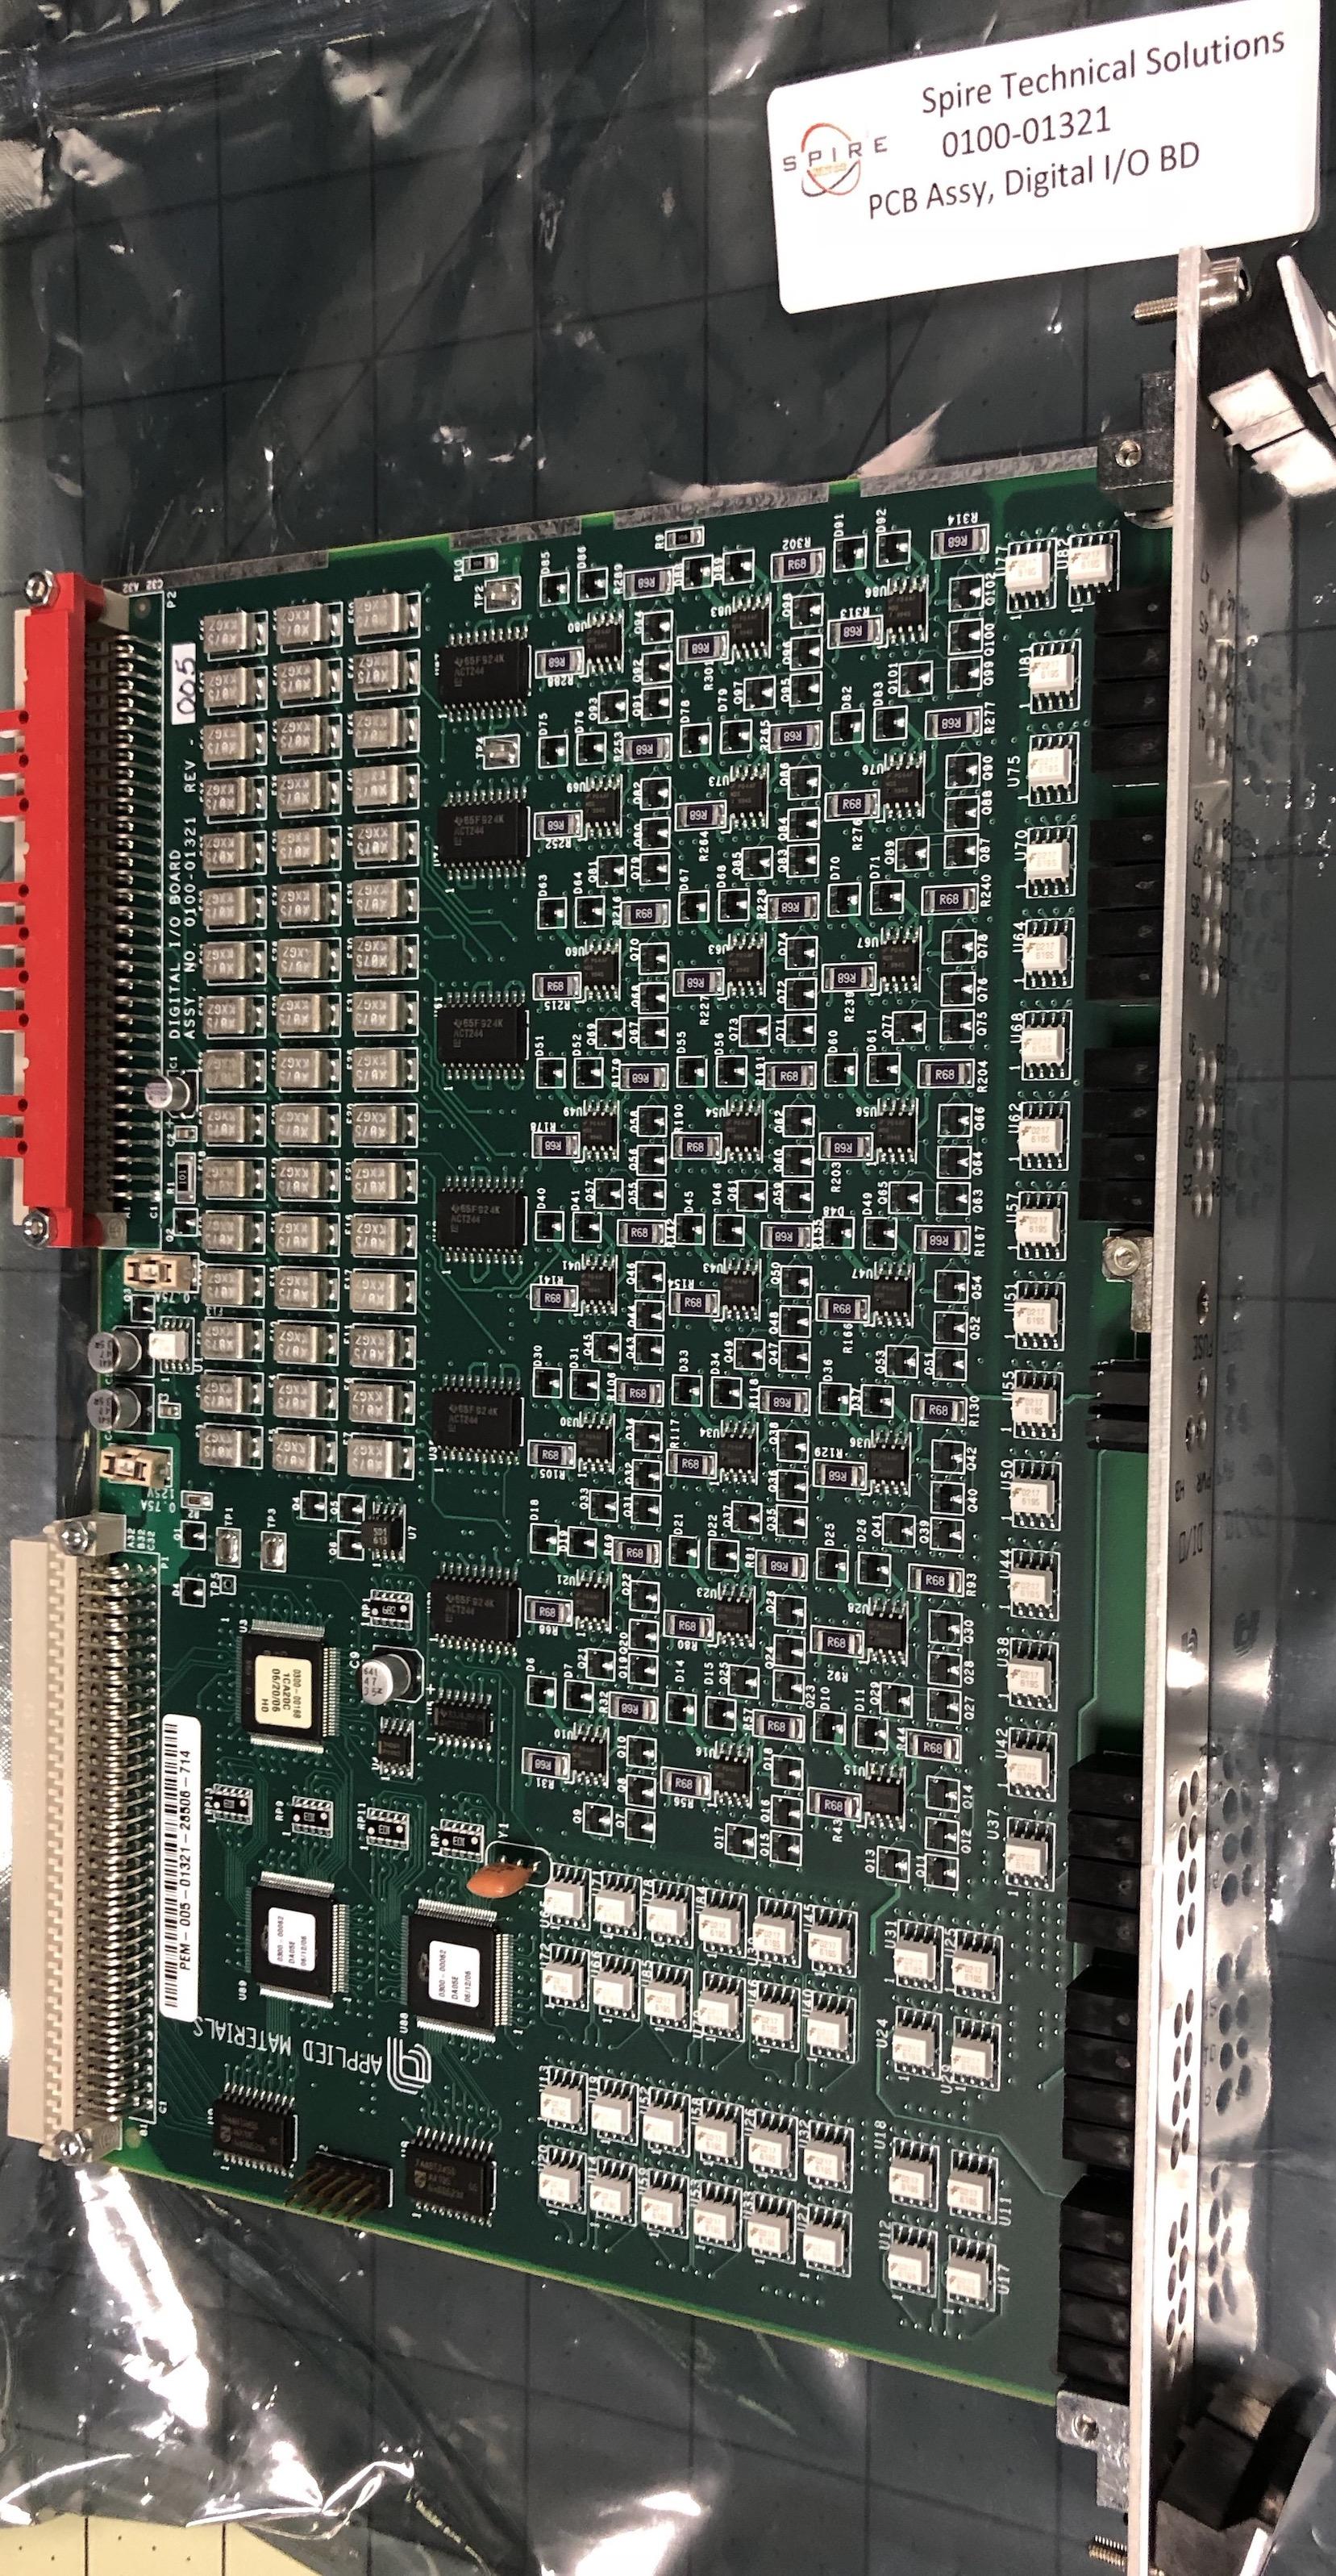 PCB Assy Digital I/O BD